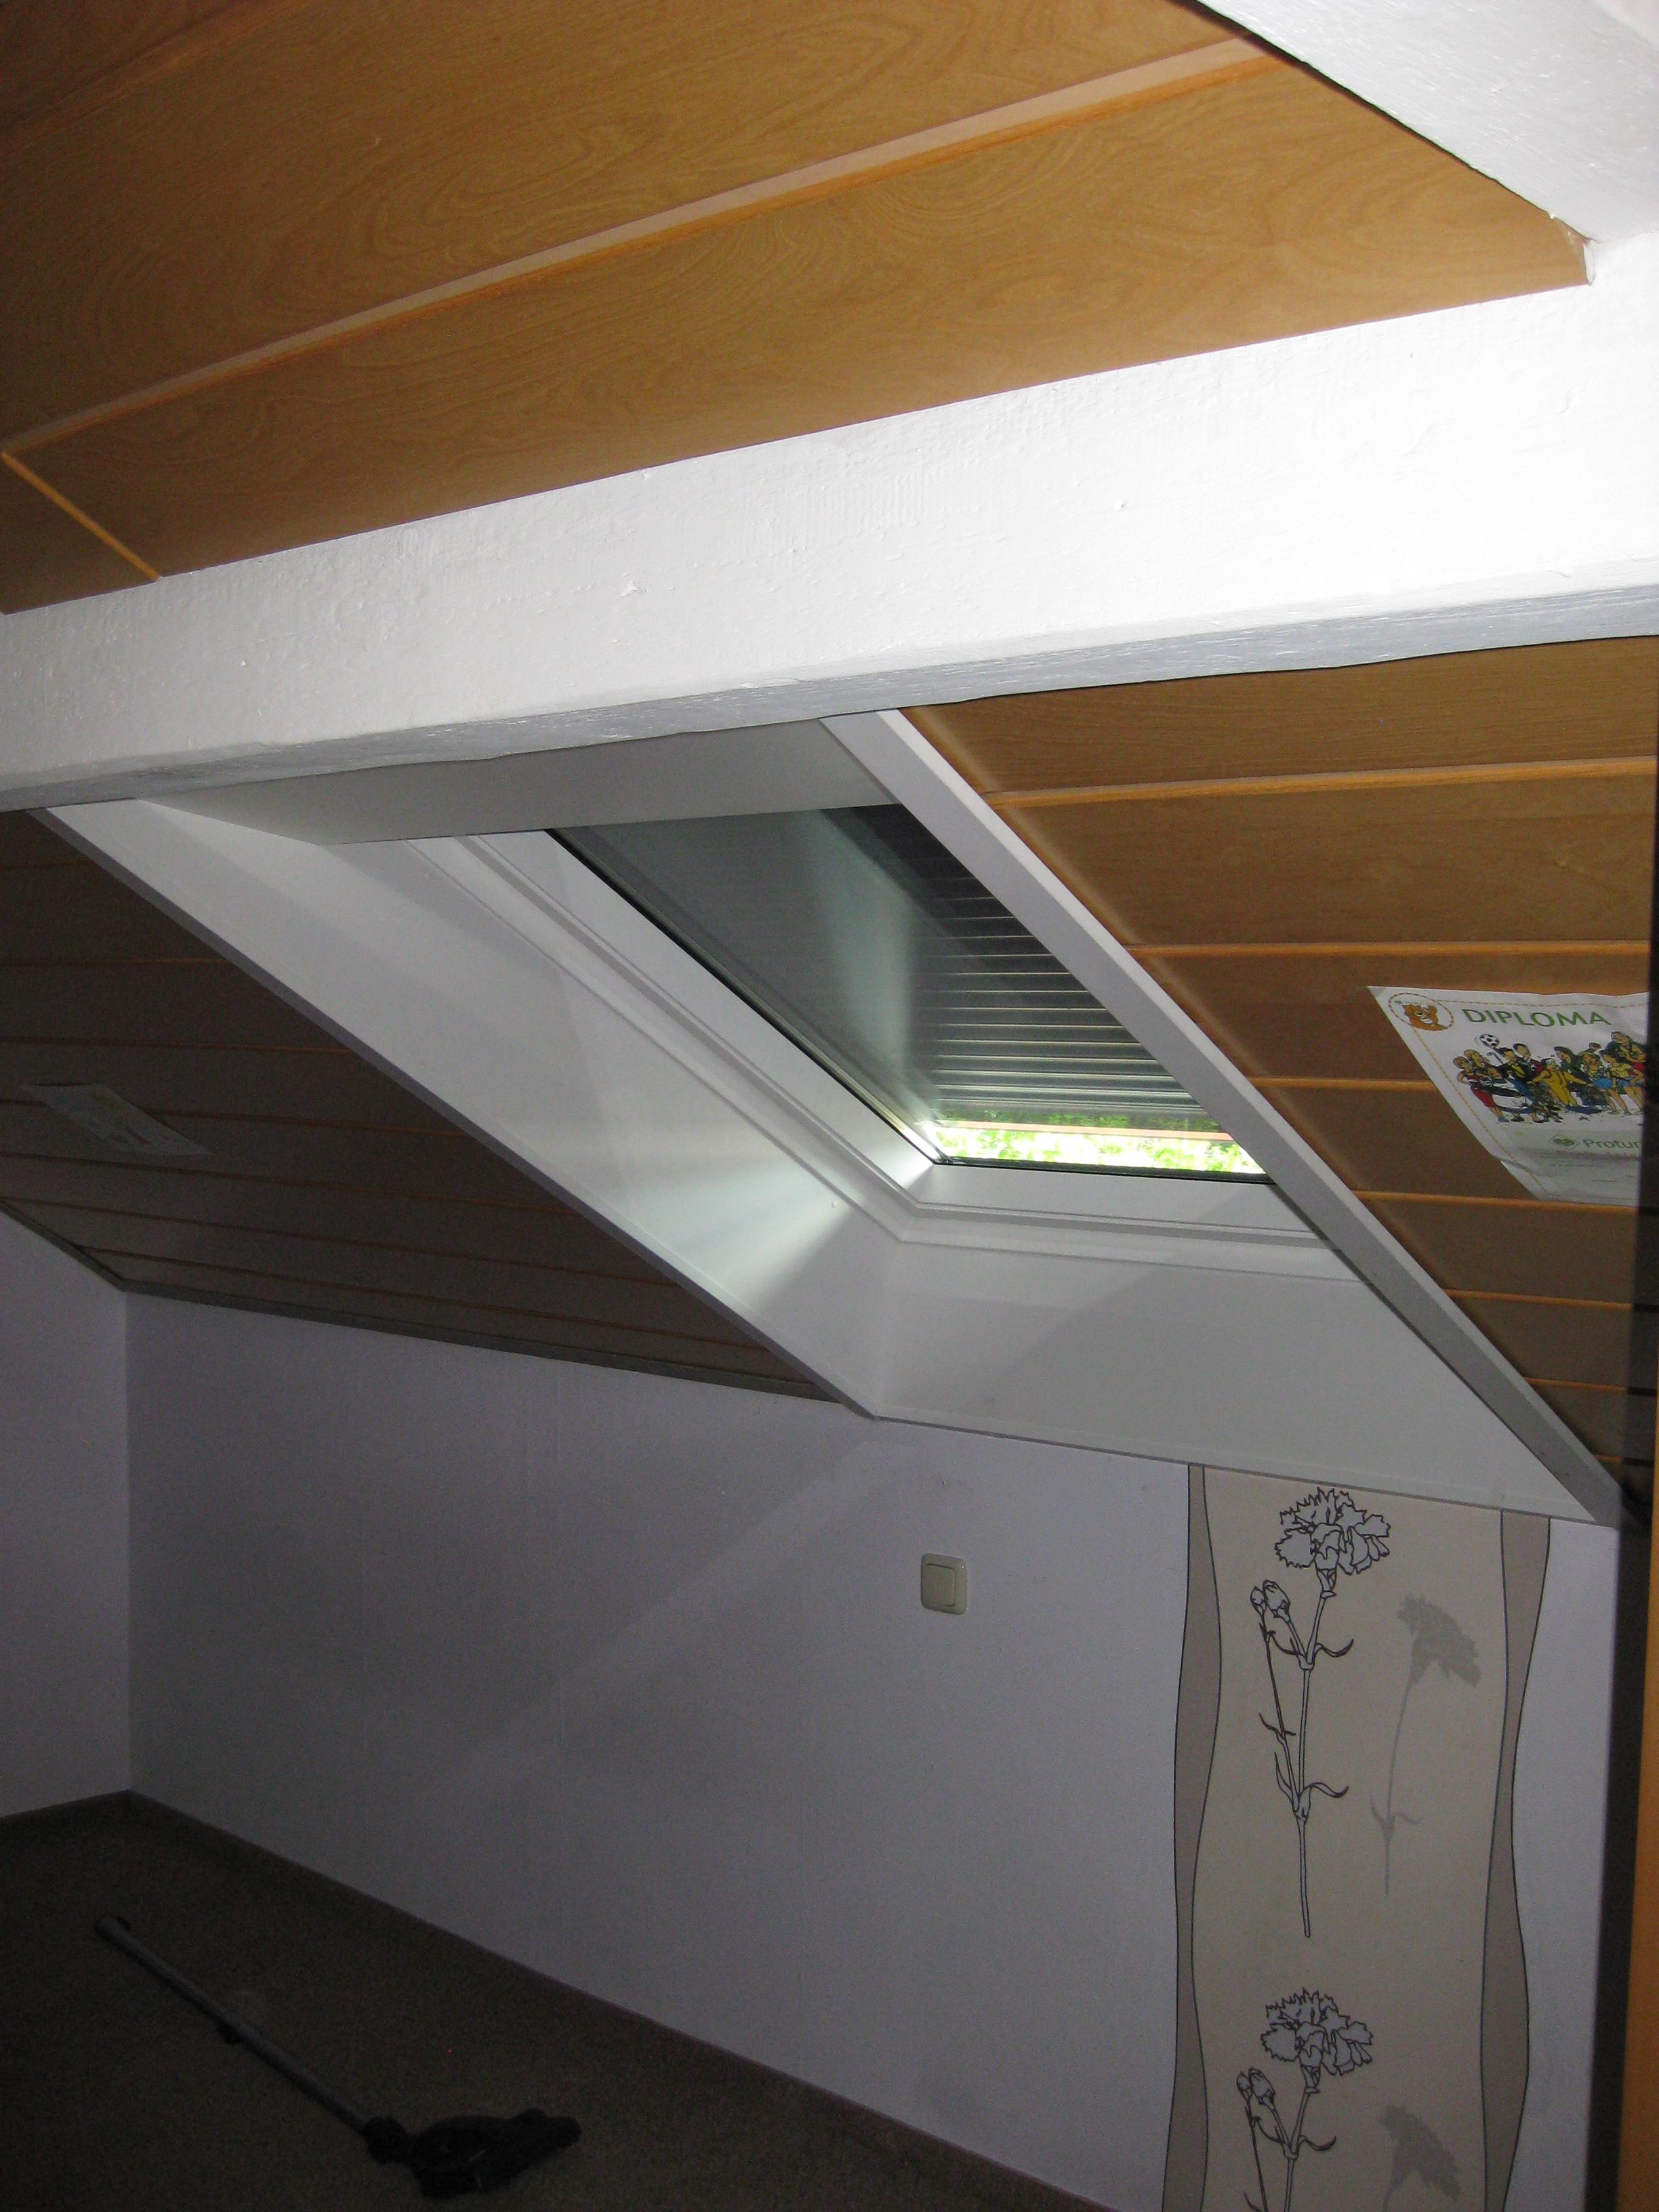 dachfenster austausch zmg dieter g nther. Black Bedroom Furniture Sets. Home Design Ideas